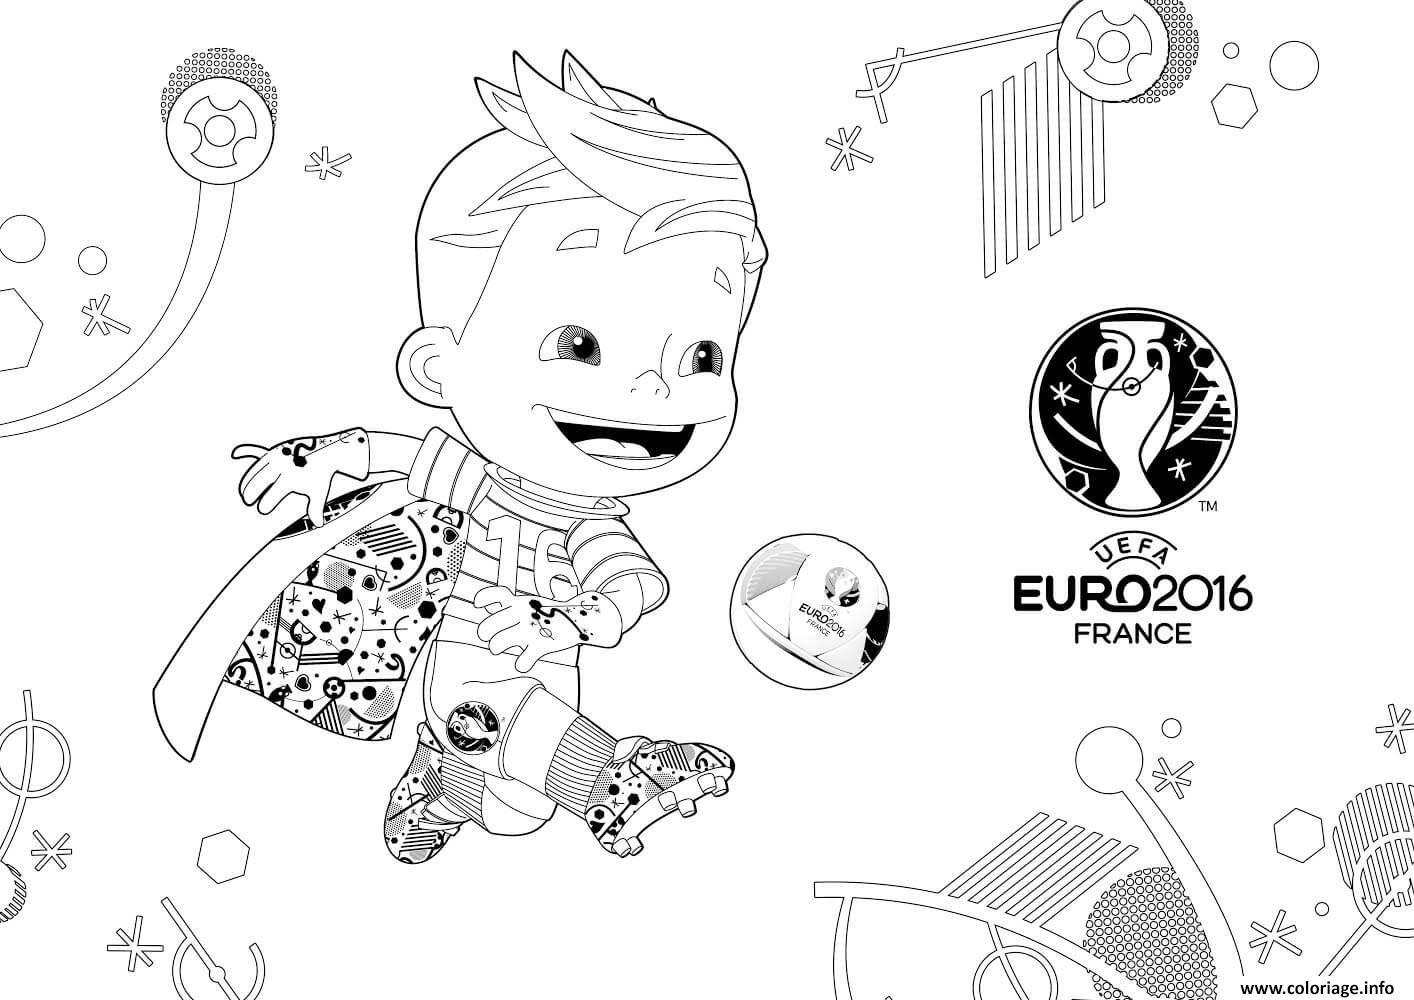 Coloriage Mascotte Euro 2016 France Uefa Dessin